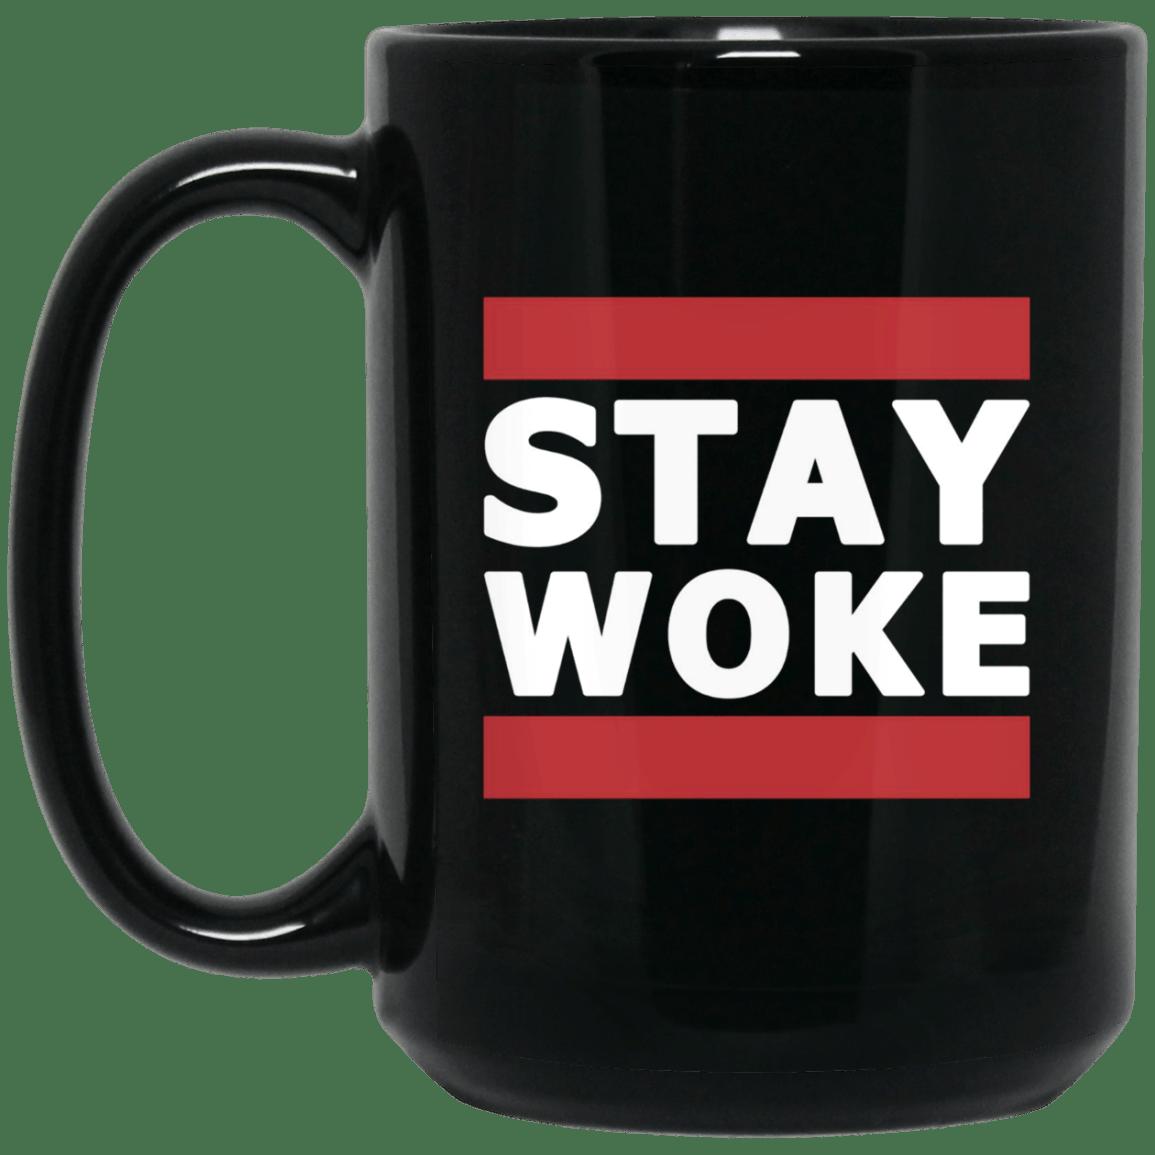 Hashtag stay woke protest mug